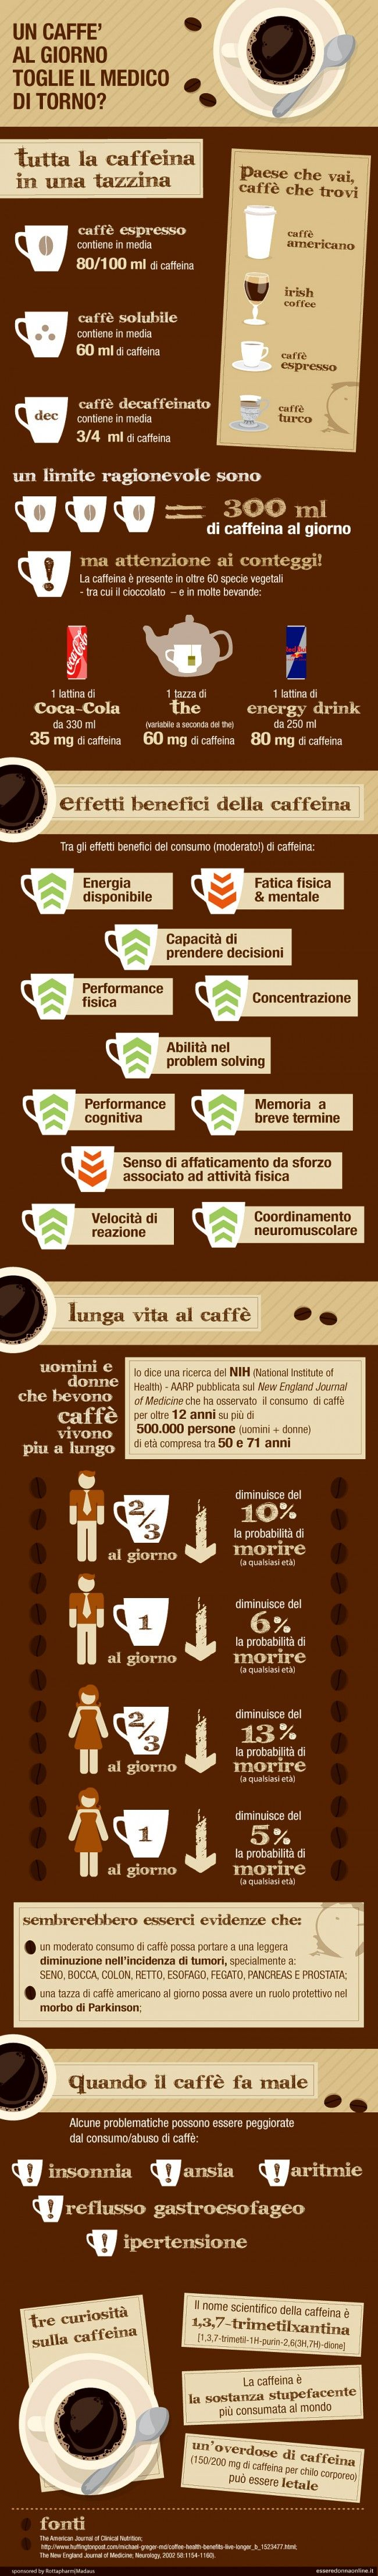 Un caffè al giorno toglie il medico di torno - Esseredonnaonline